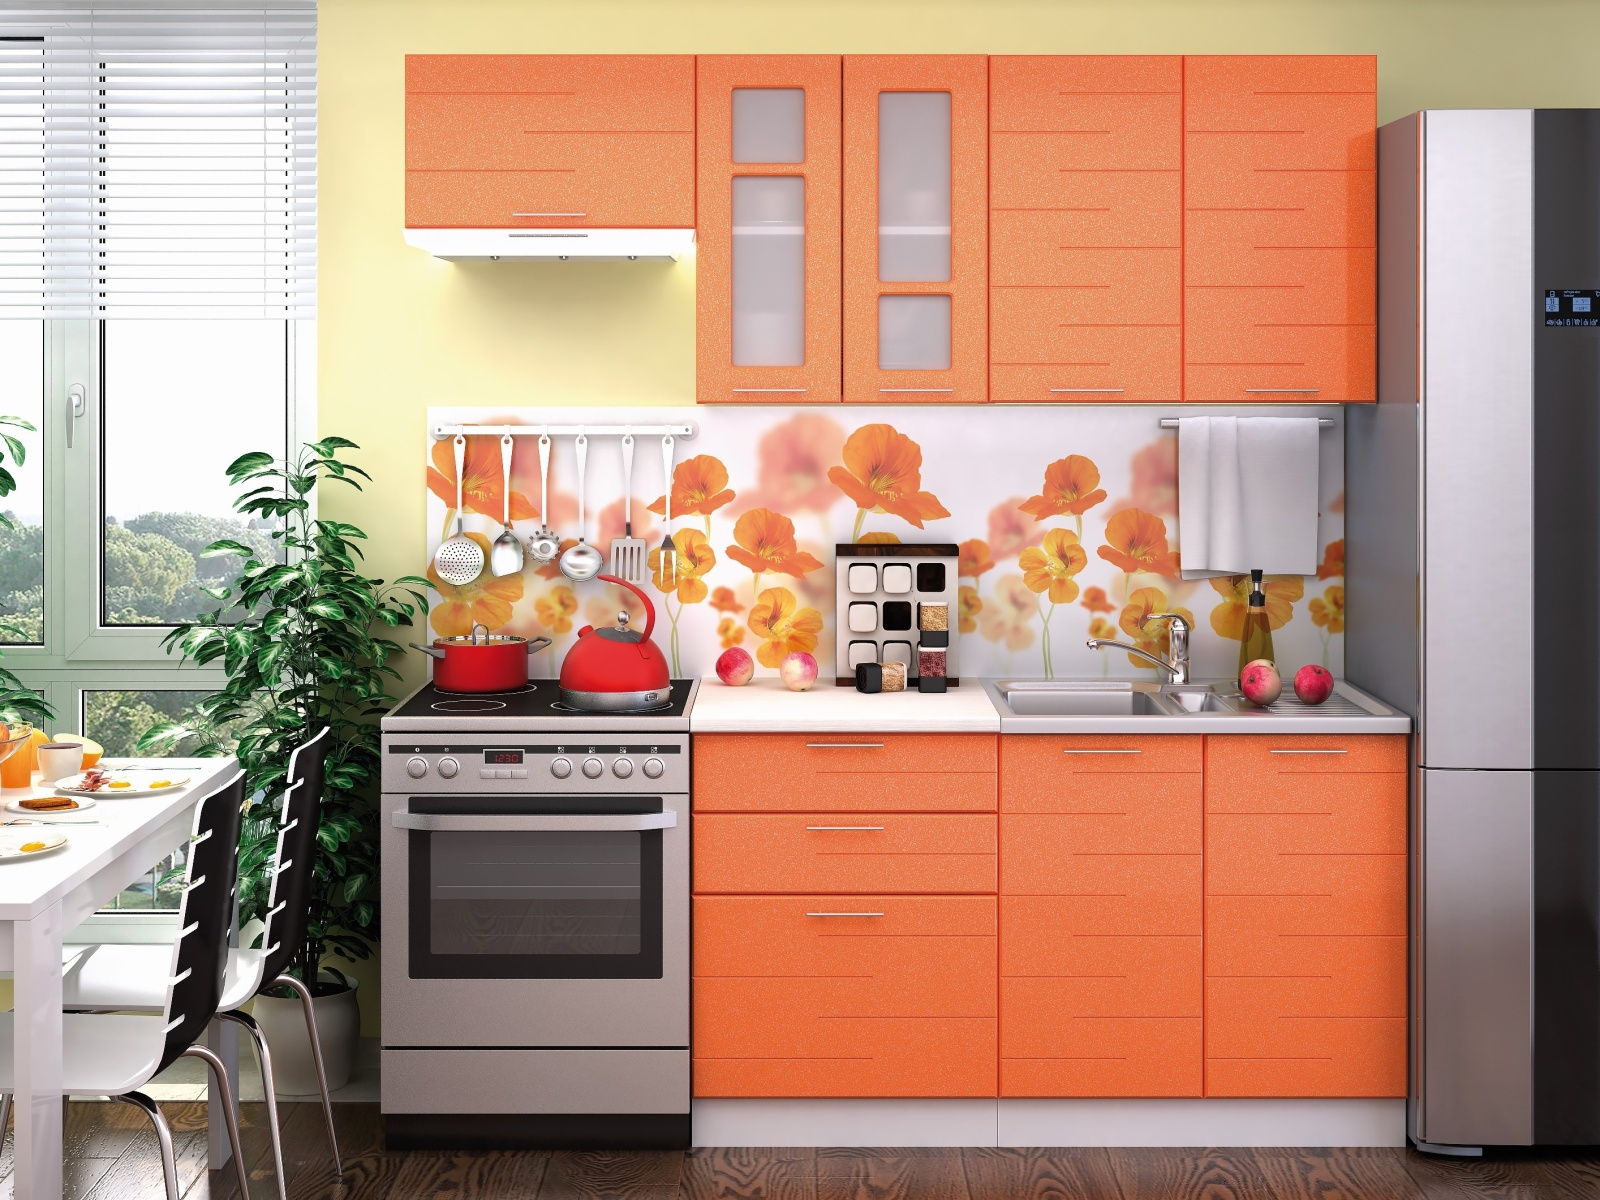 Smartshop Kuchyně TECHNO 140/200 cm, oranžová